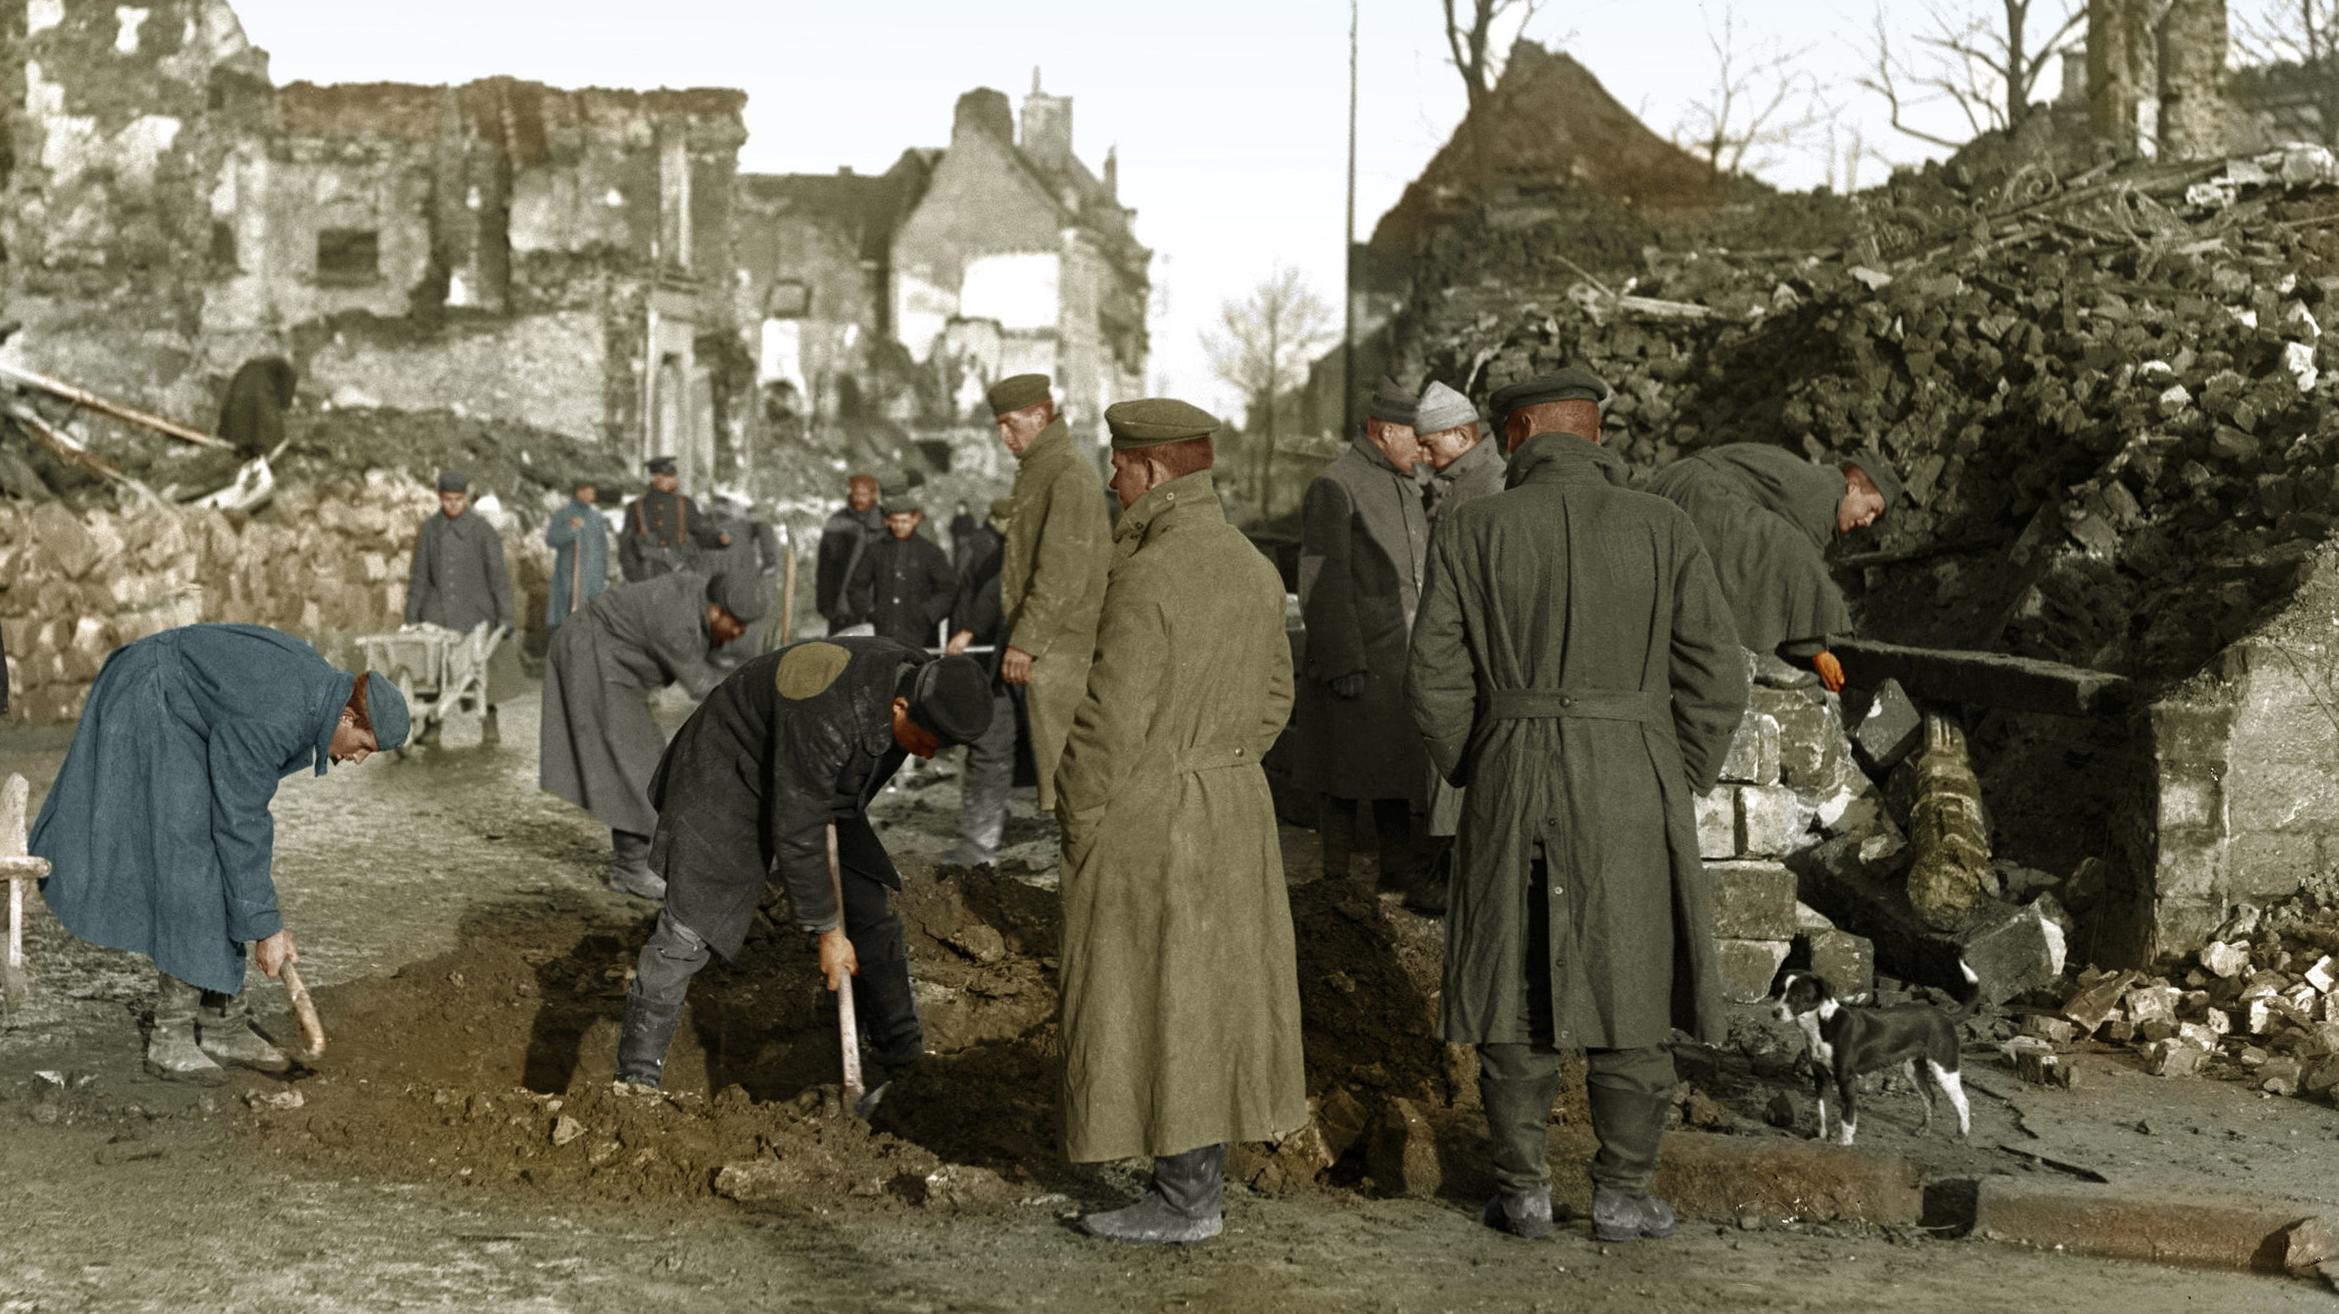 Zeitgenössisches Foto zeigt Szene in Bethune, Frankreich